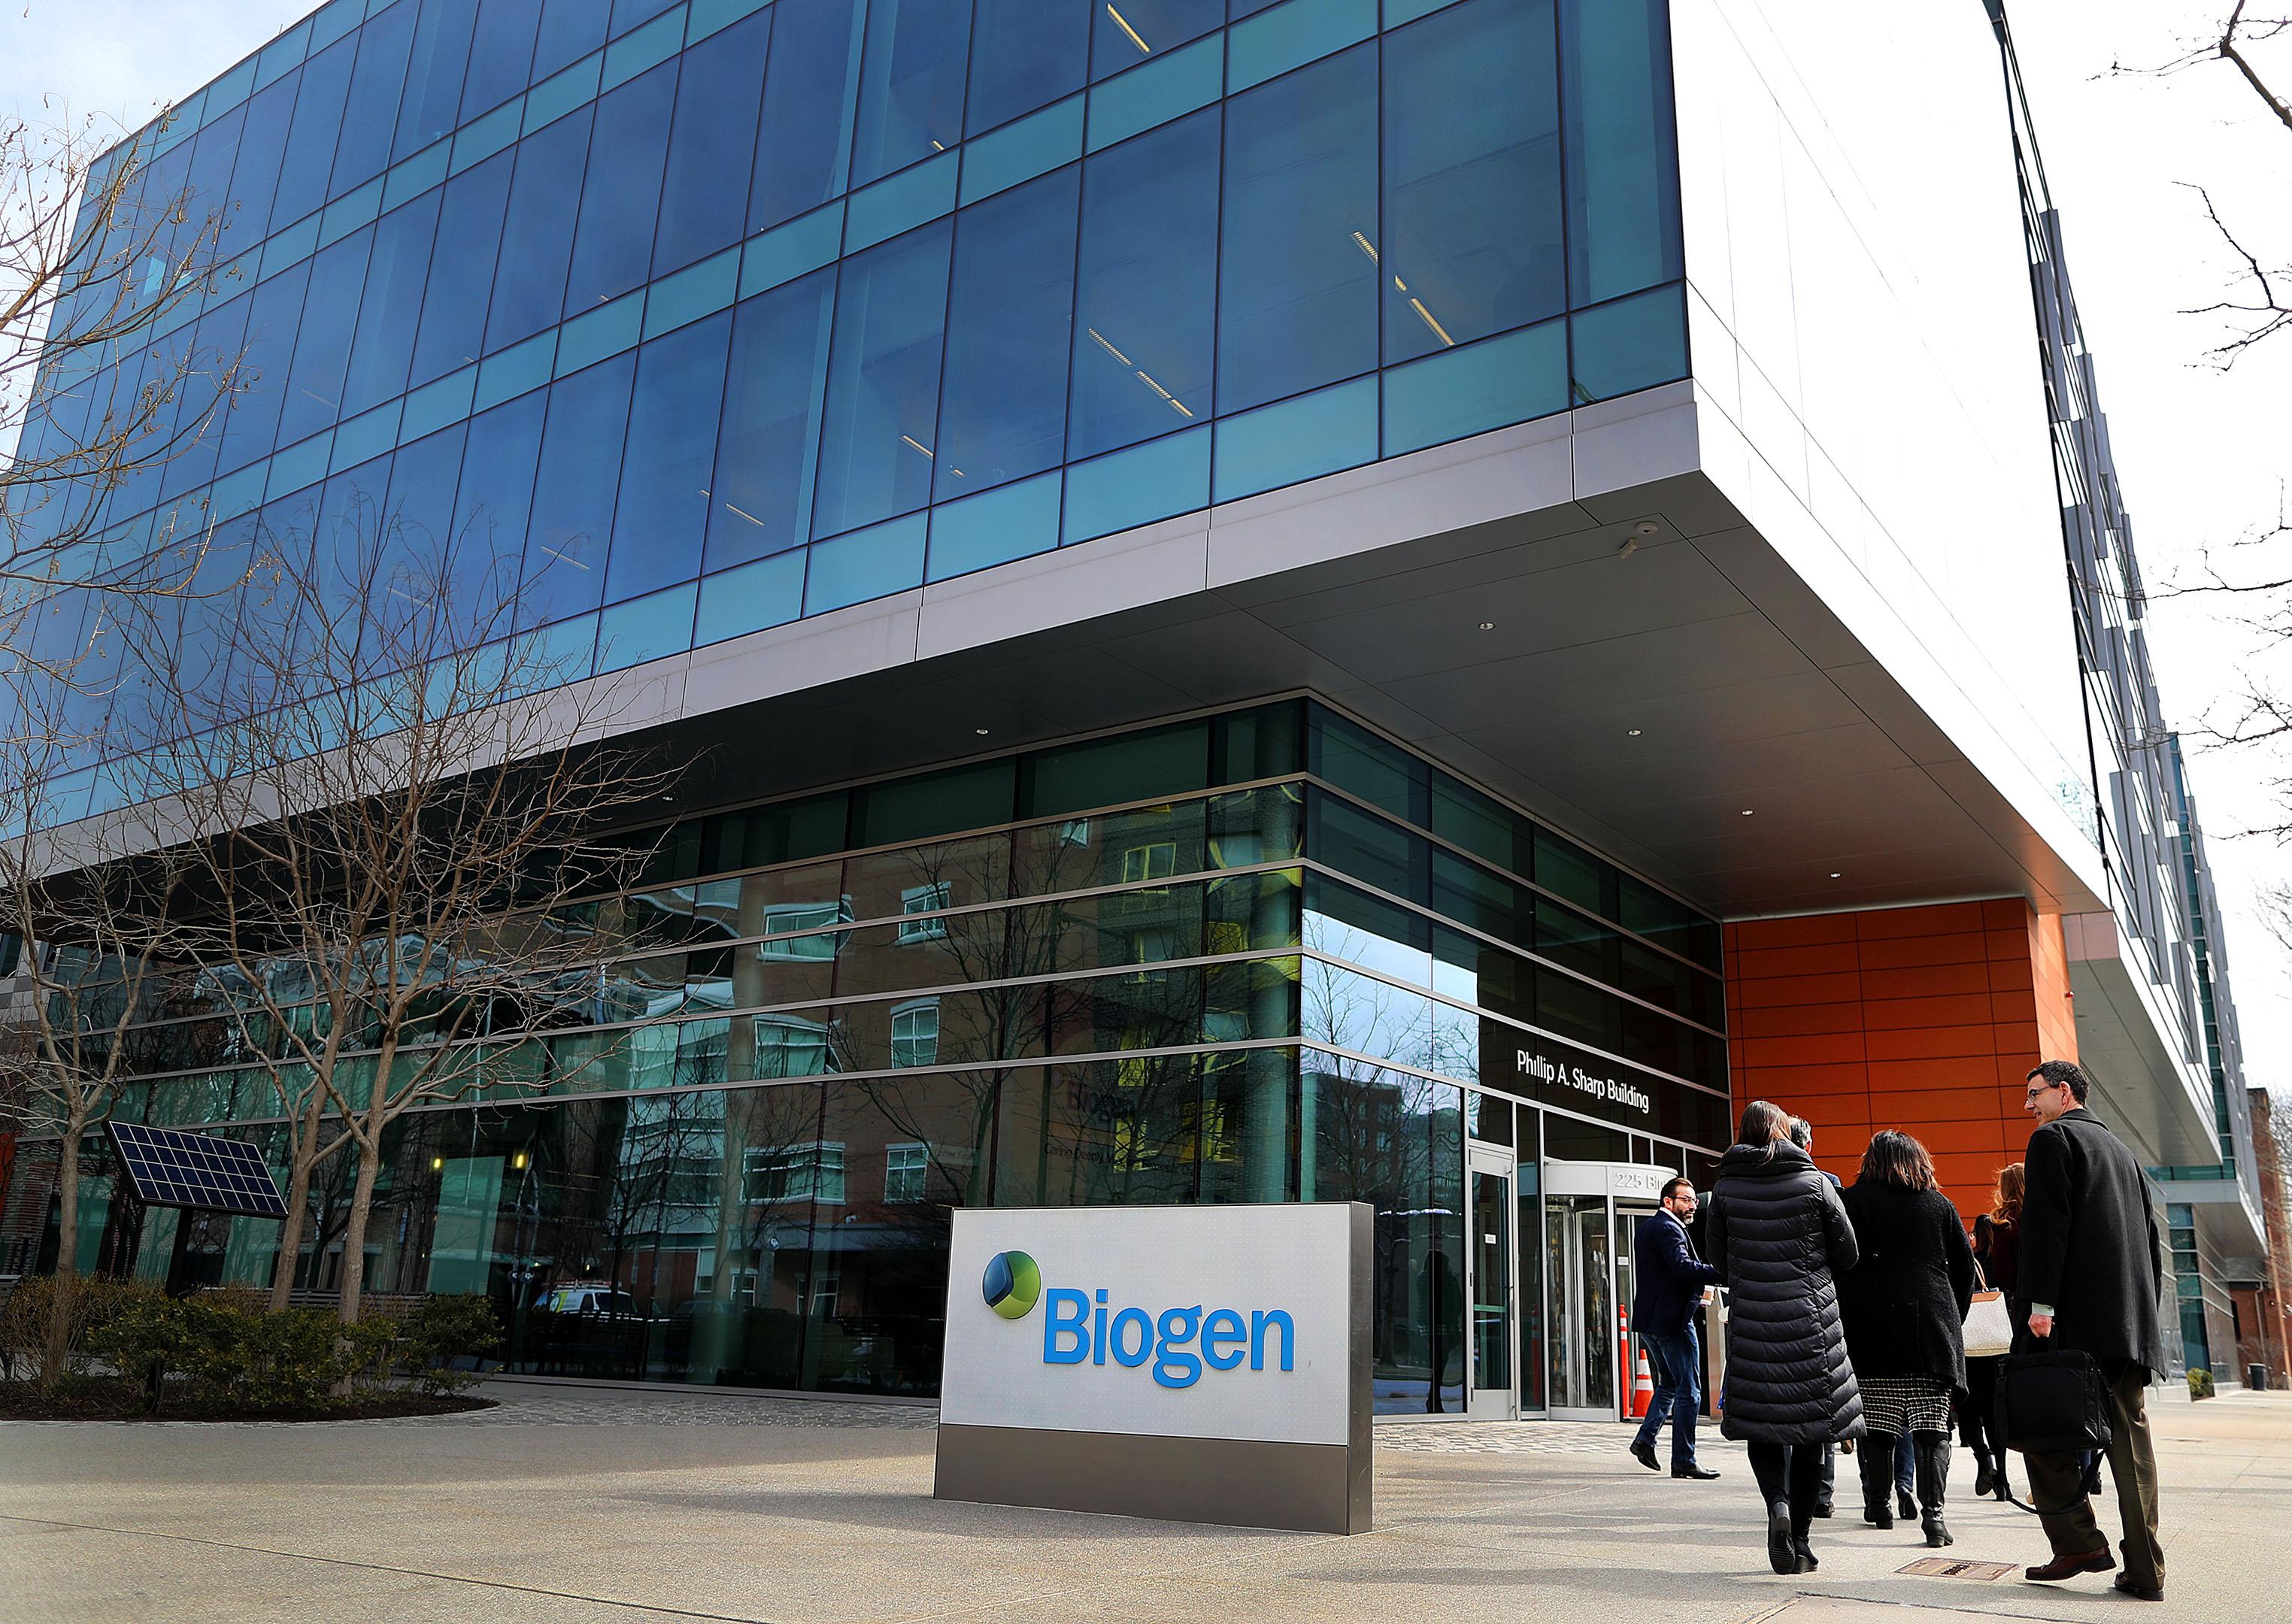 FDA aprovou remédio da Biogen contra Alzheimer apesar de parecer contrário